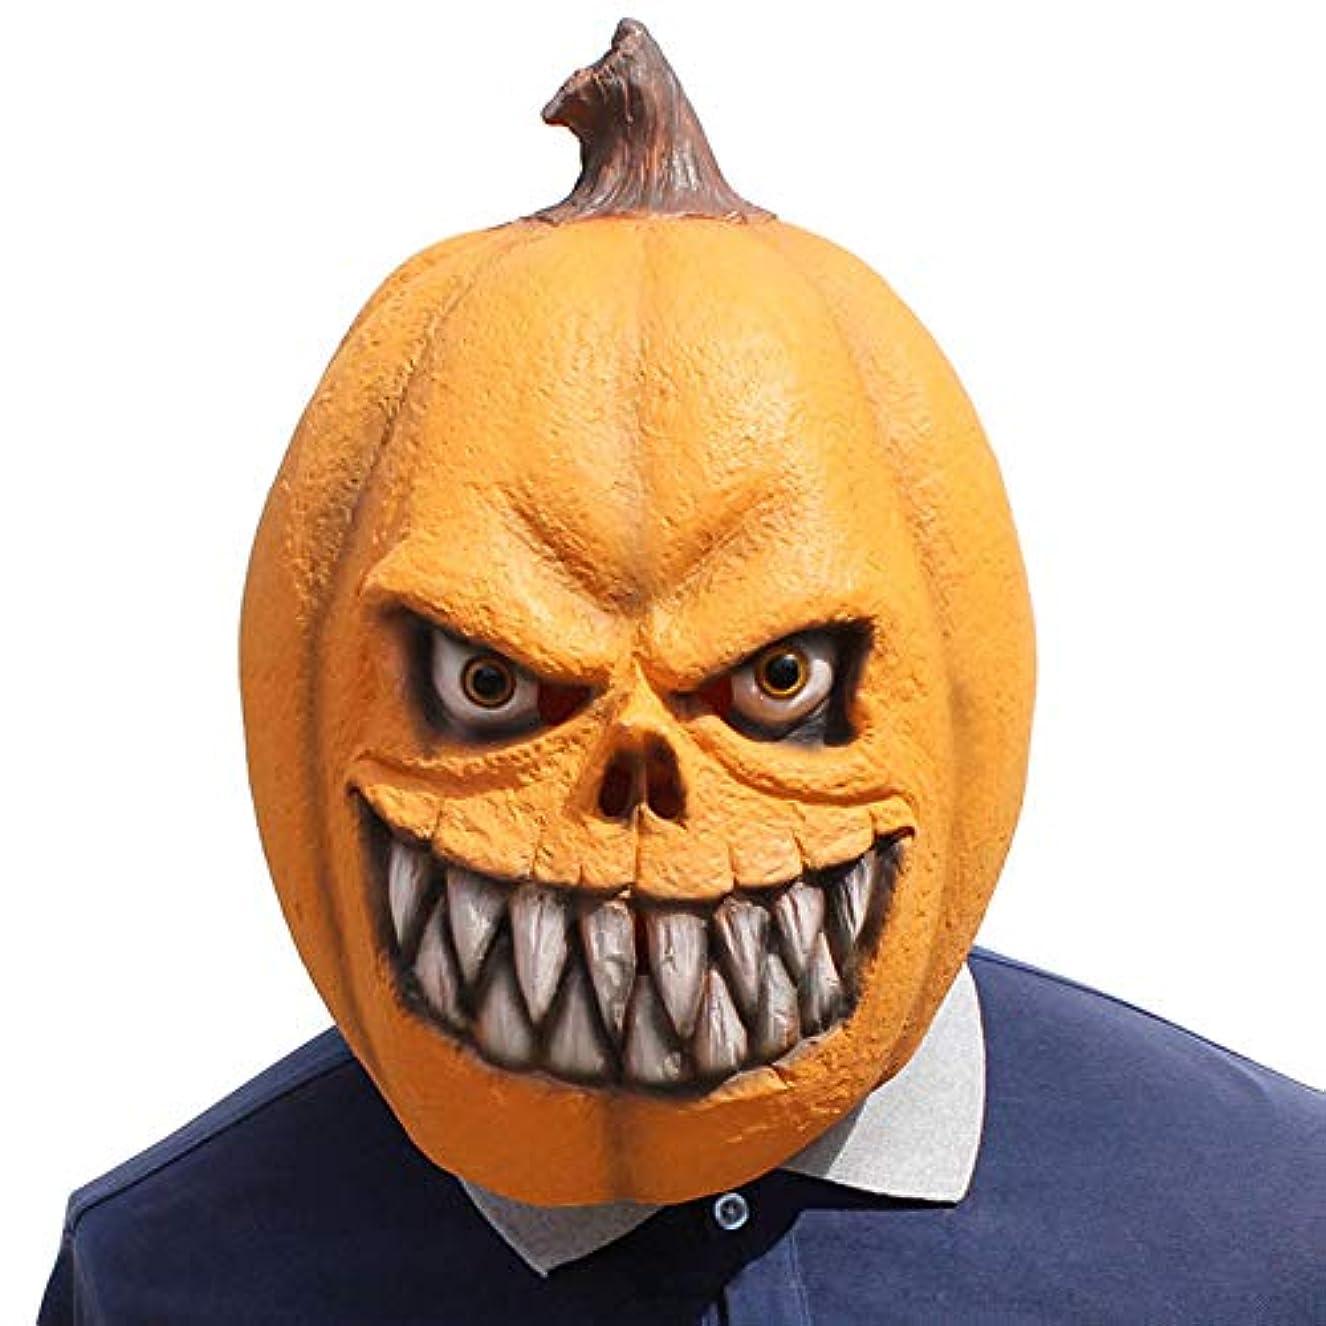 流星キャプチャー宝ハロウィーンマスク、カボチャラテックスマスク、ハロウィーン、テーマパーティー、カーニバル、レイブパーティーに適しています